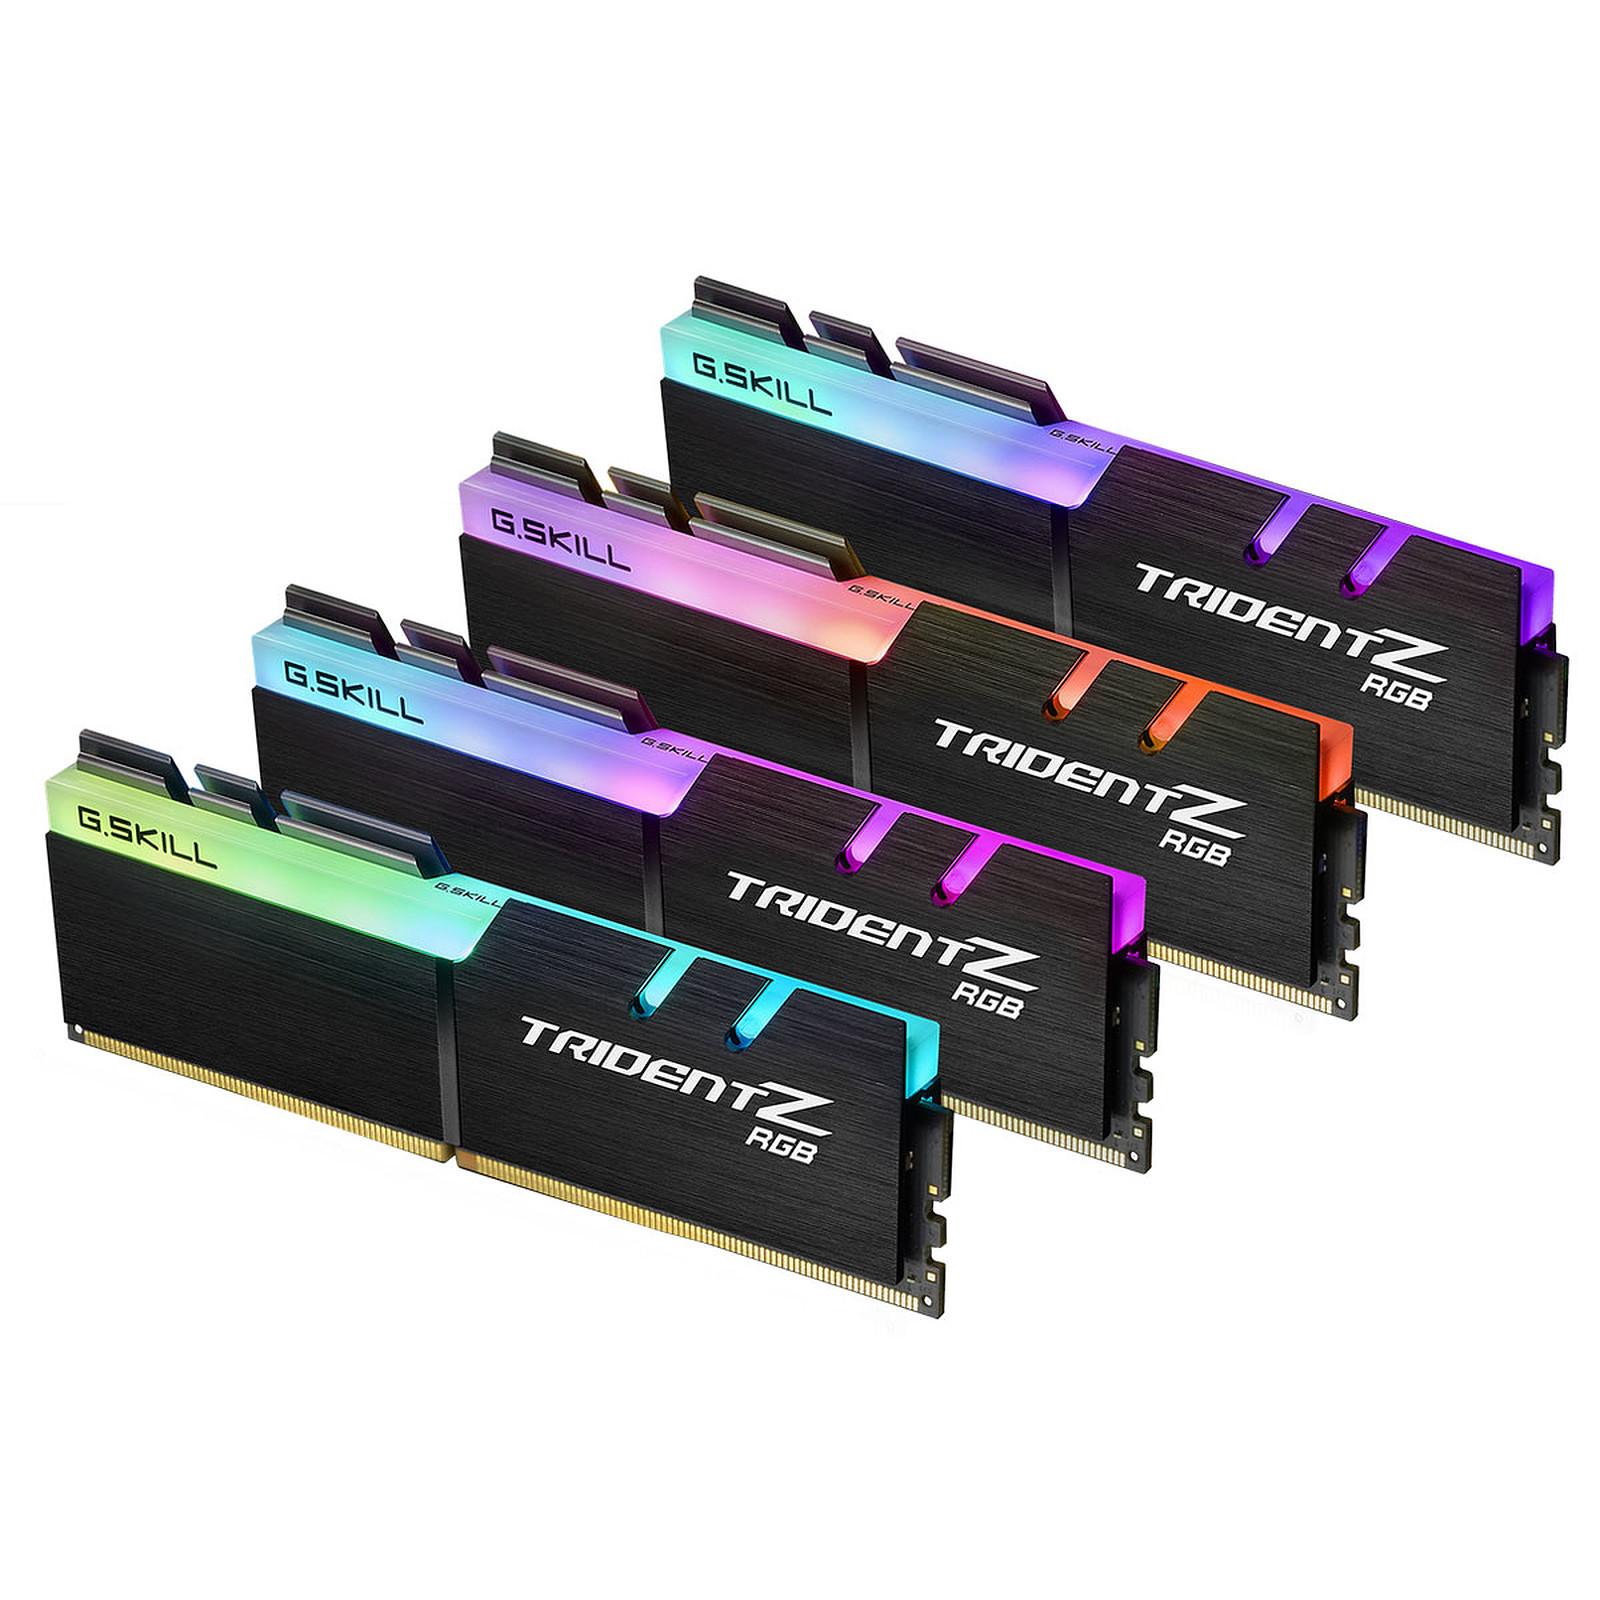 G.Skill Trident Z RGB 32 Go (4x 8 Go) DDR4 2400 MHz CL15